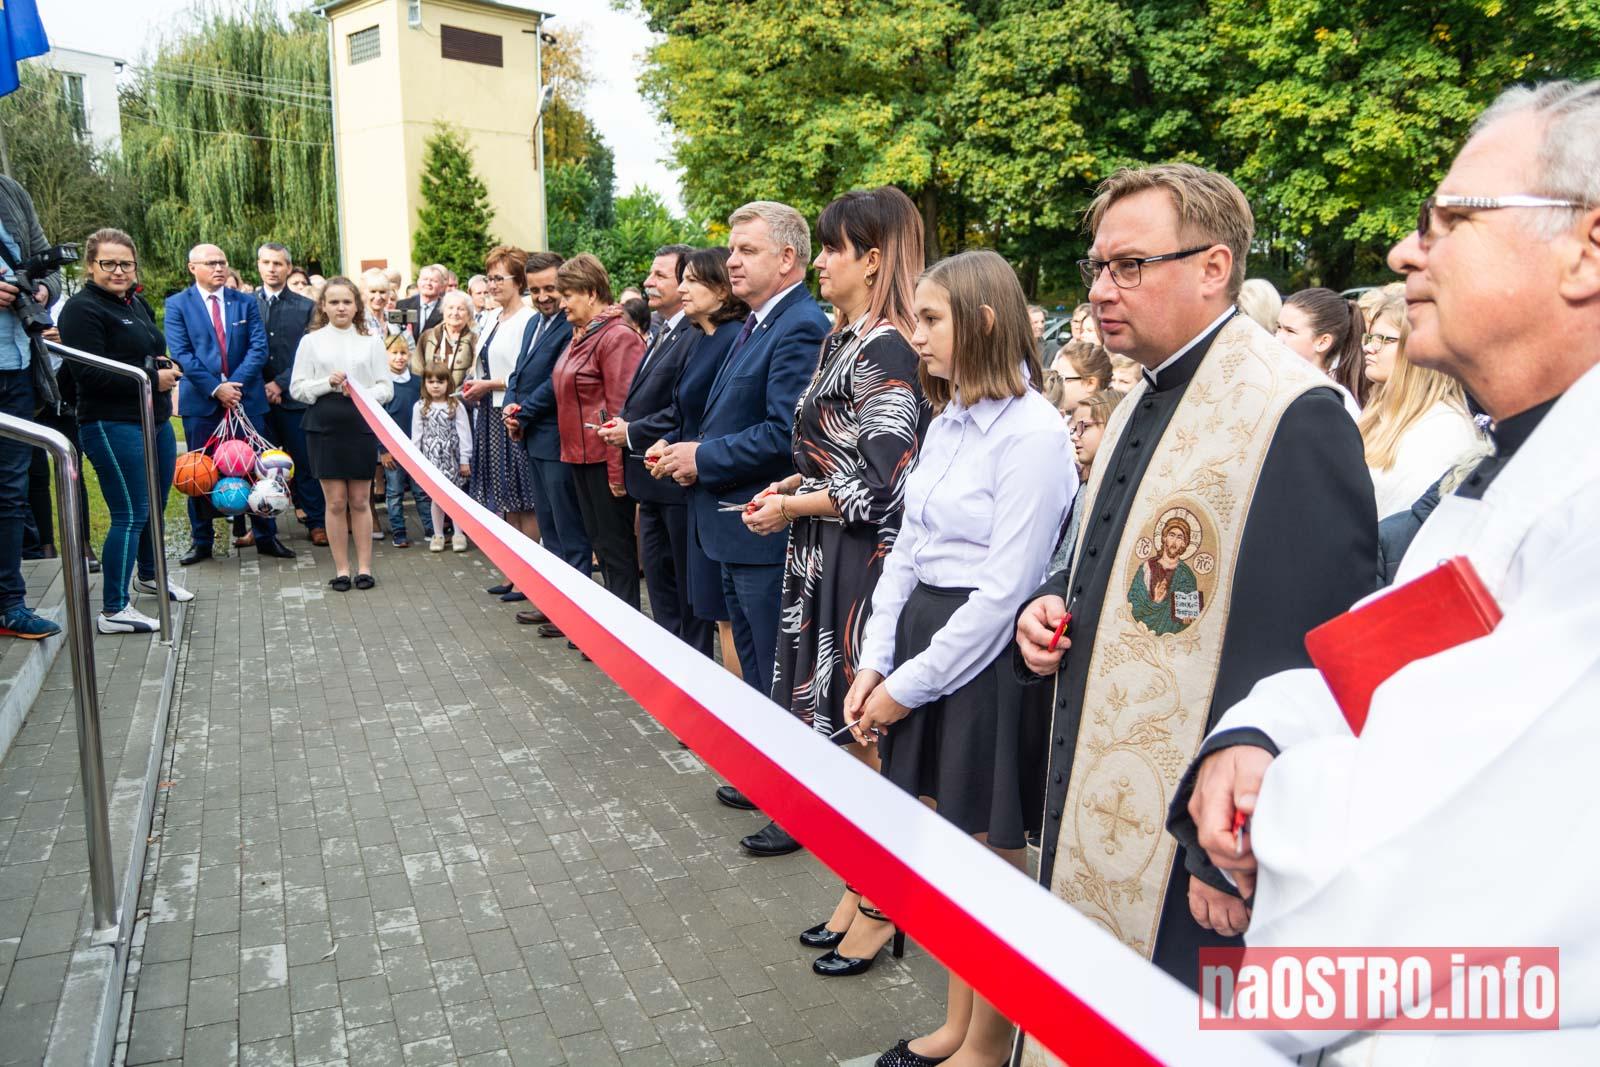 NaOSTRO Otwarcie Szkoły w Bałtowie-112